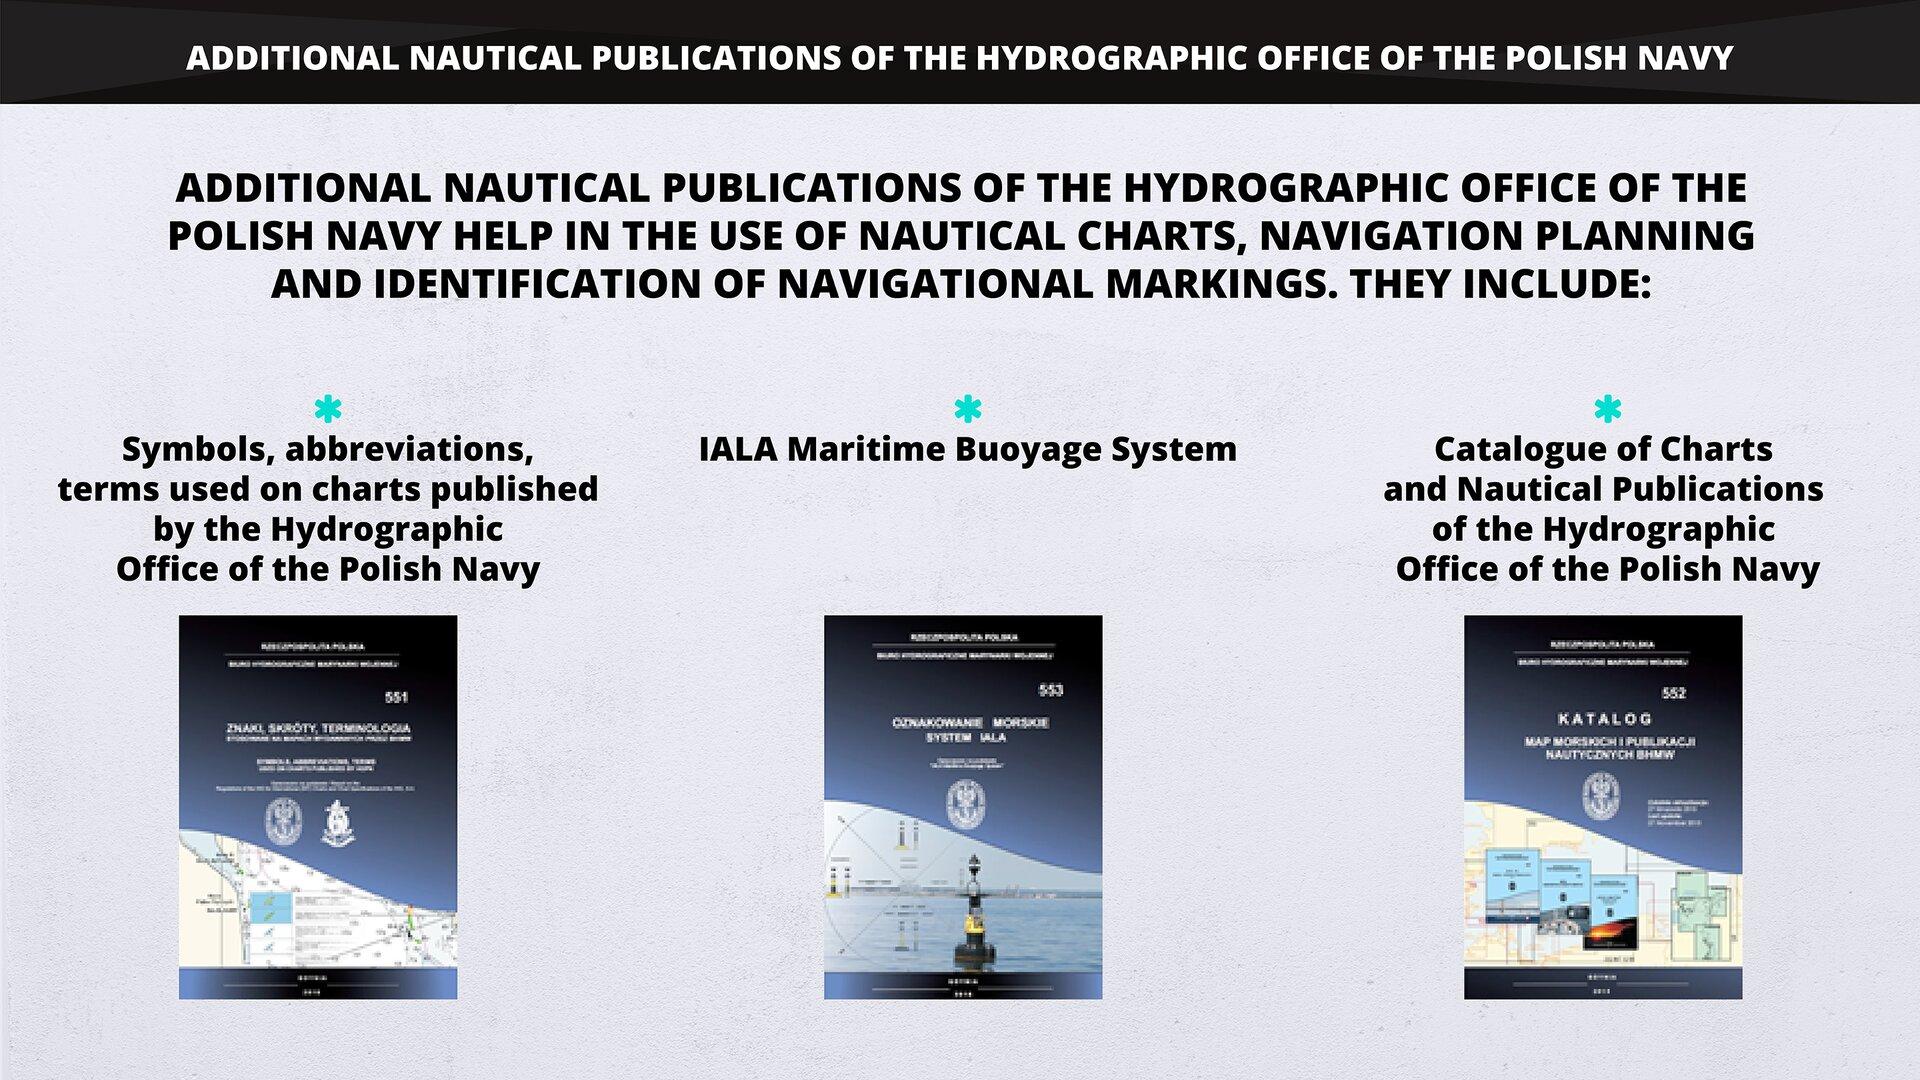 The photograph presents additional nautical publications of the Hydrographic Office of the Polish Navy. Fotografia przedstawia dodatkowe publikacje nautyczne BHMW.